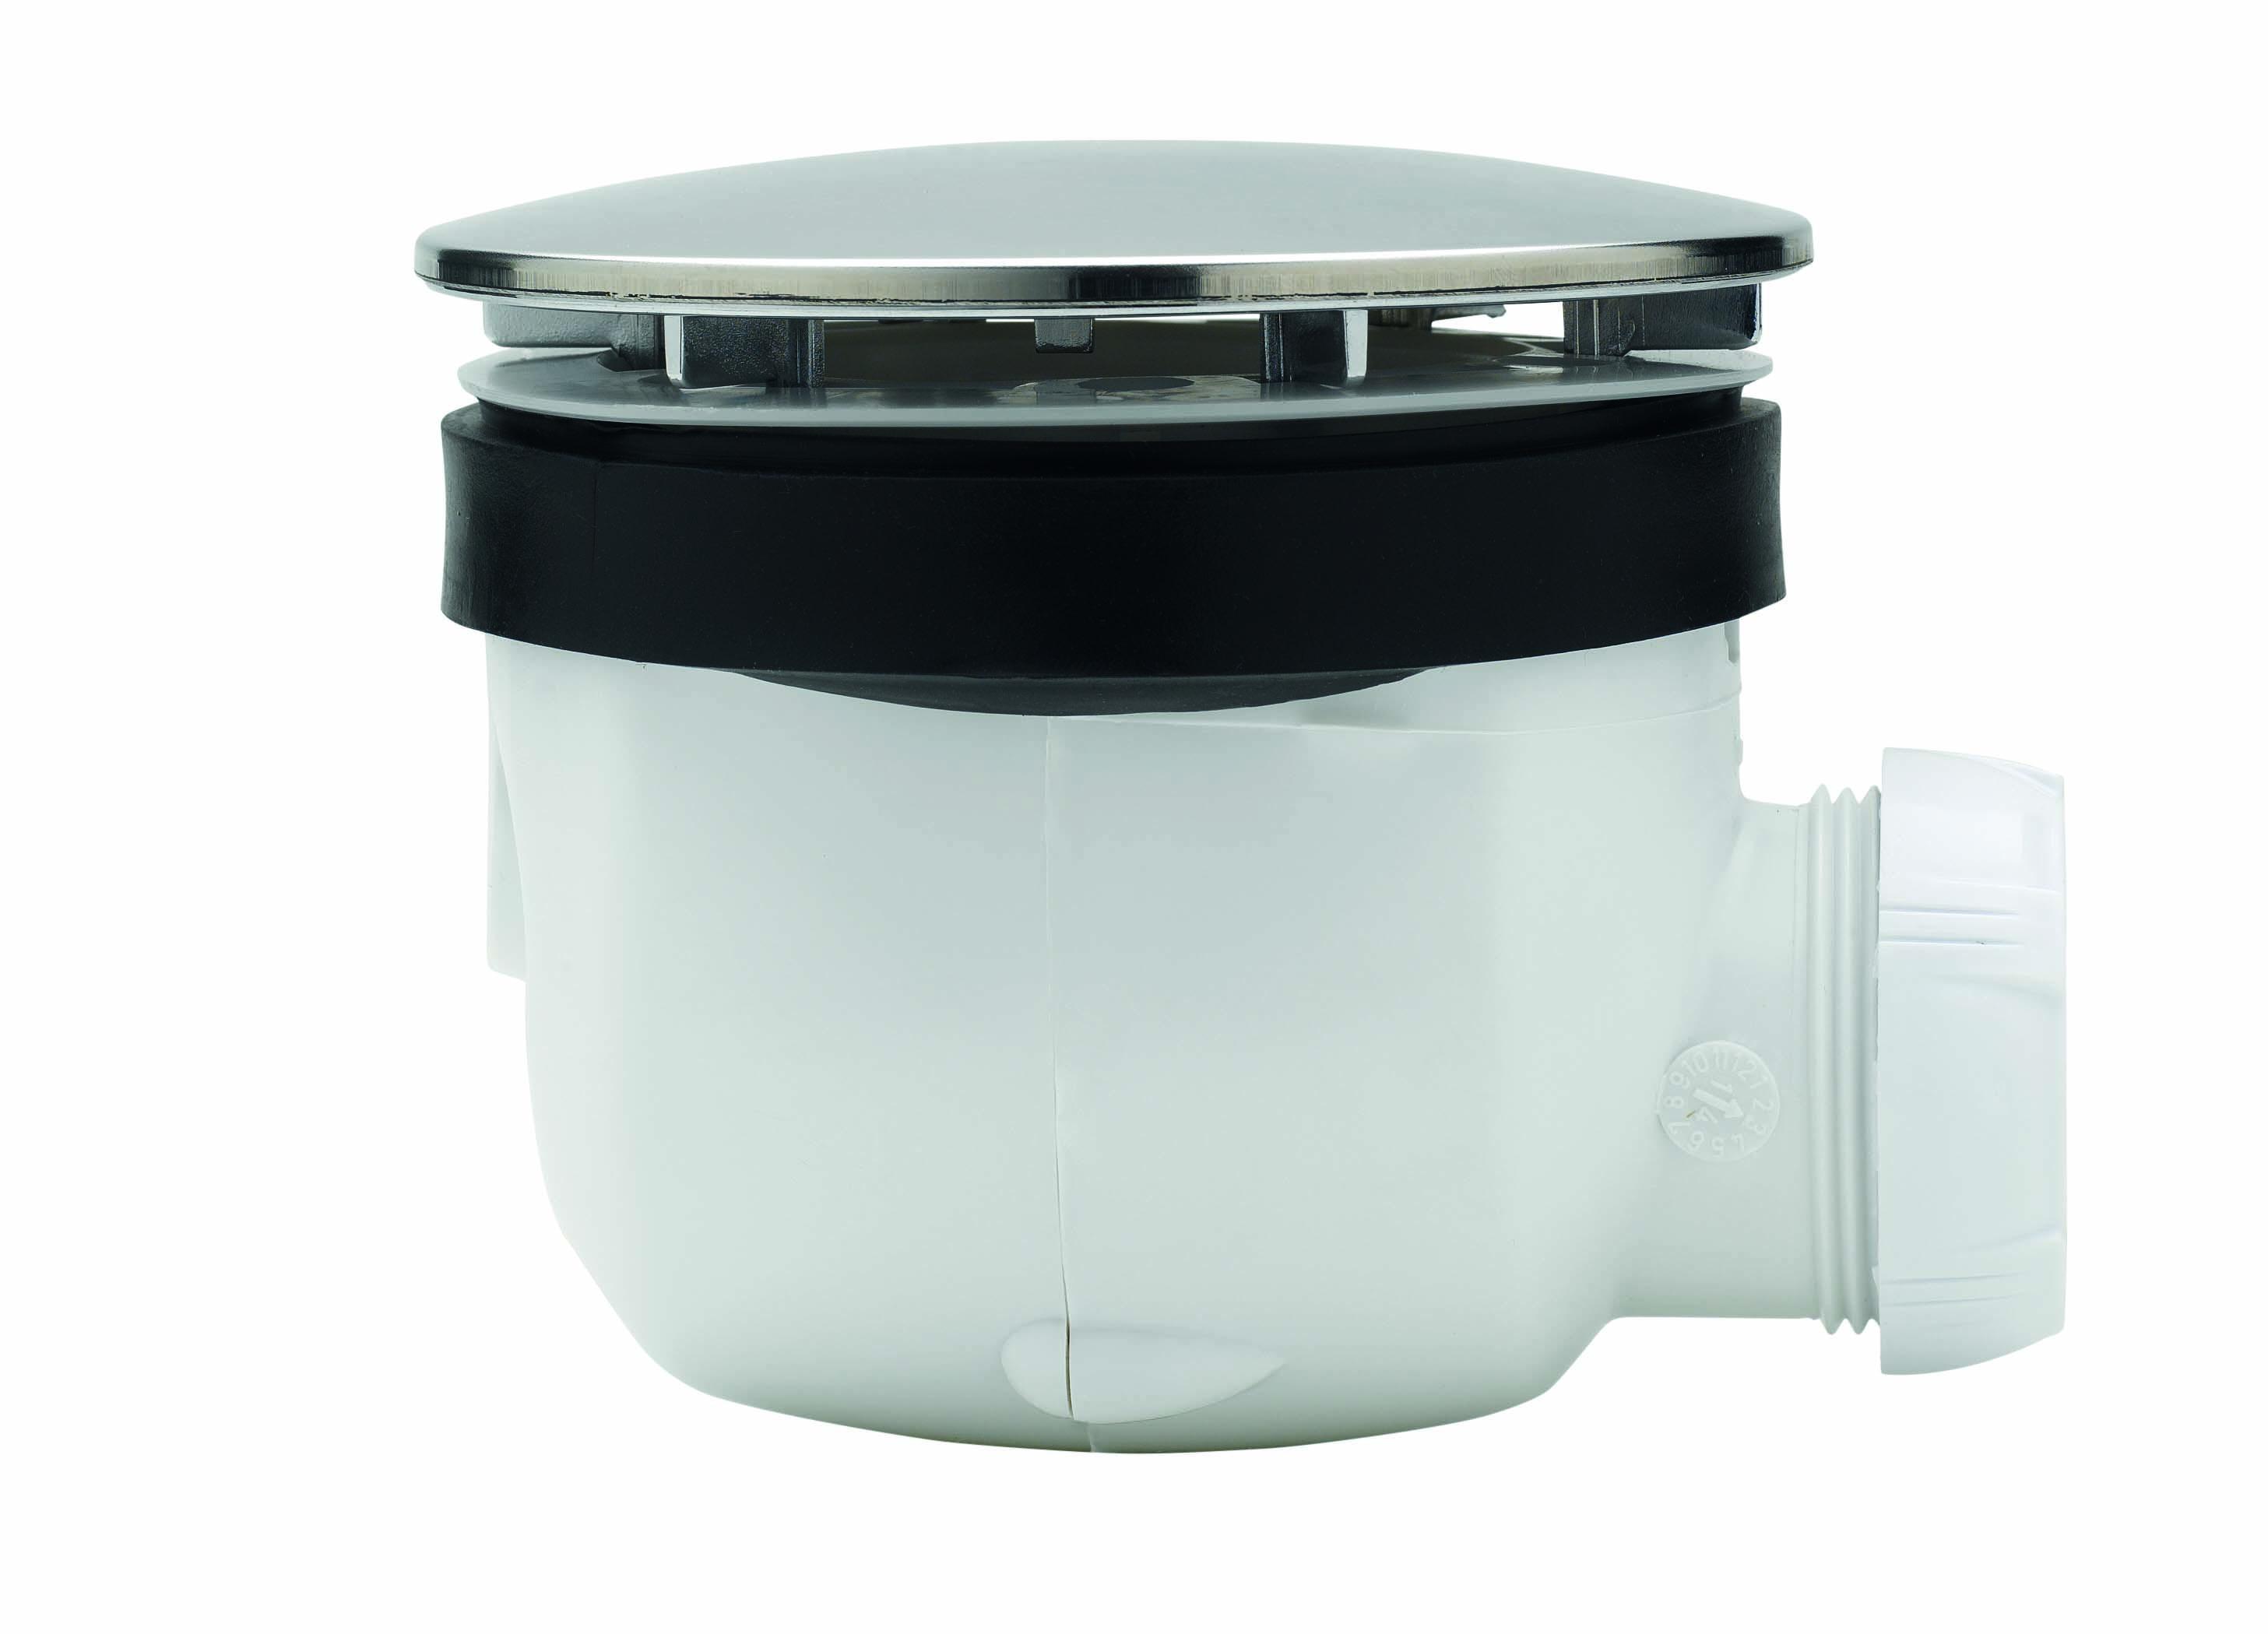 Aqualux Aqua 25 Sphere douchebak sifon chroom